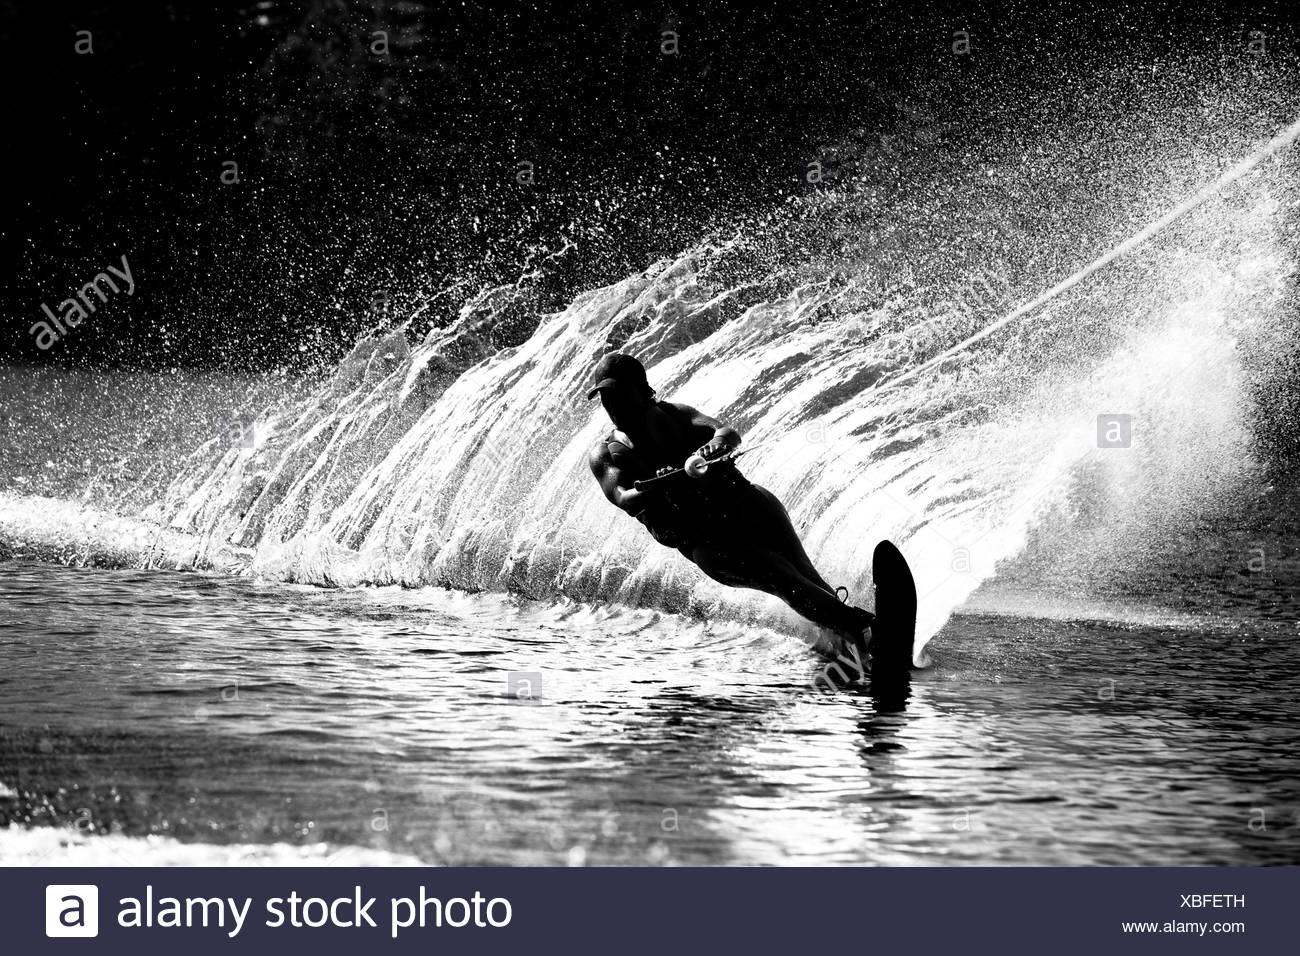 Un esquiador de agua hembra rips un giro causando un enorme chorro de agua mientras esquía sobre Cobbosseecontee lago cerca de Monmouth, Maine. Imagen De Stock